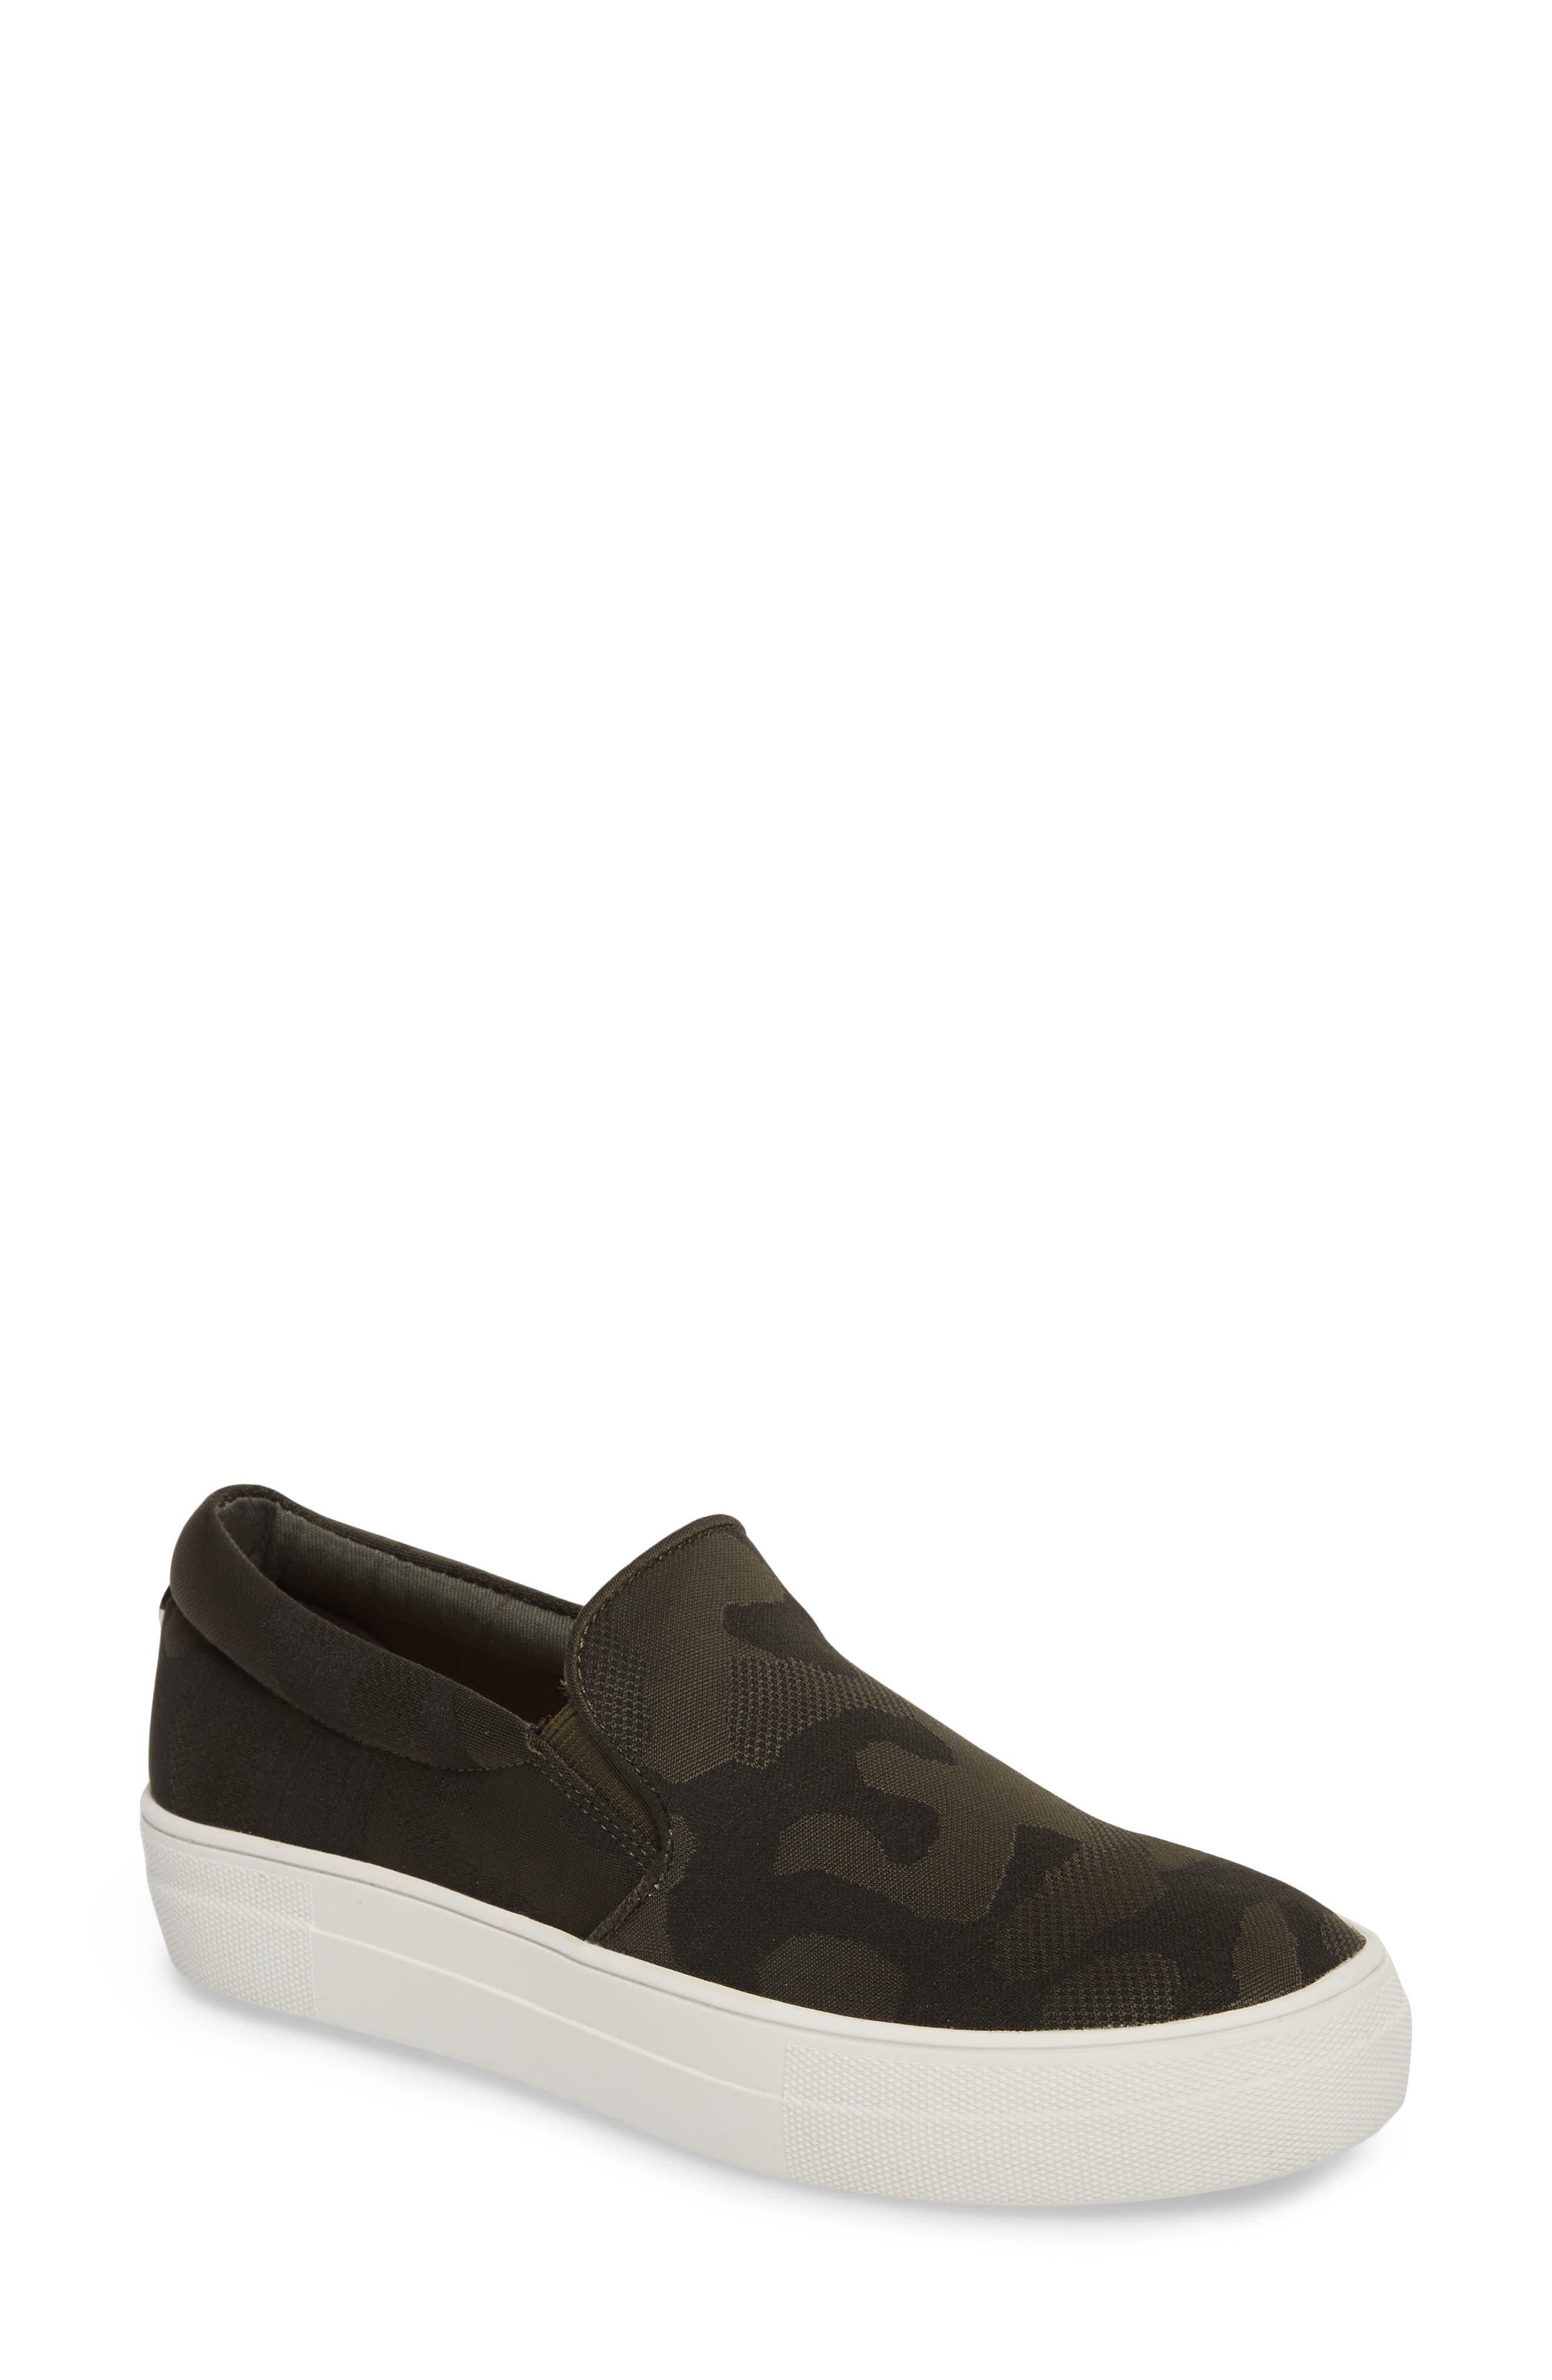 Main Image - Steve Madden Gills Platform Slip-On Sneaker (Women)